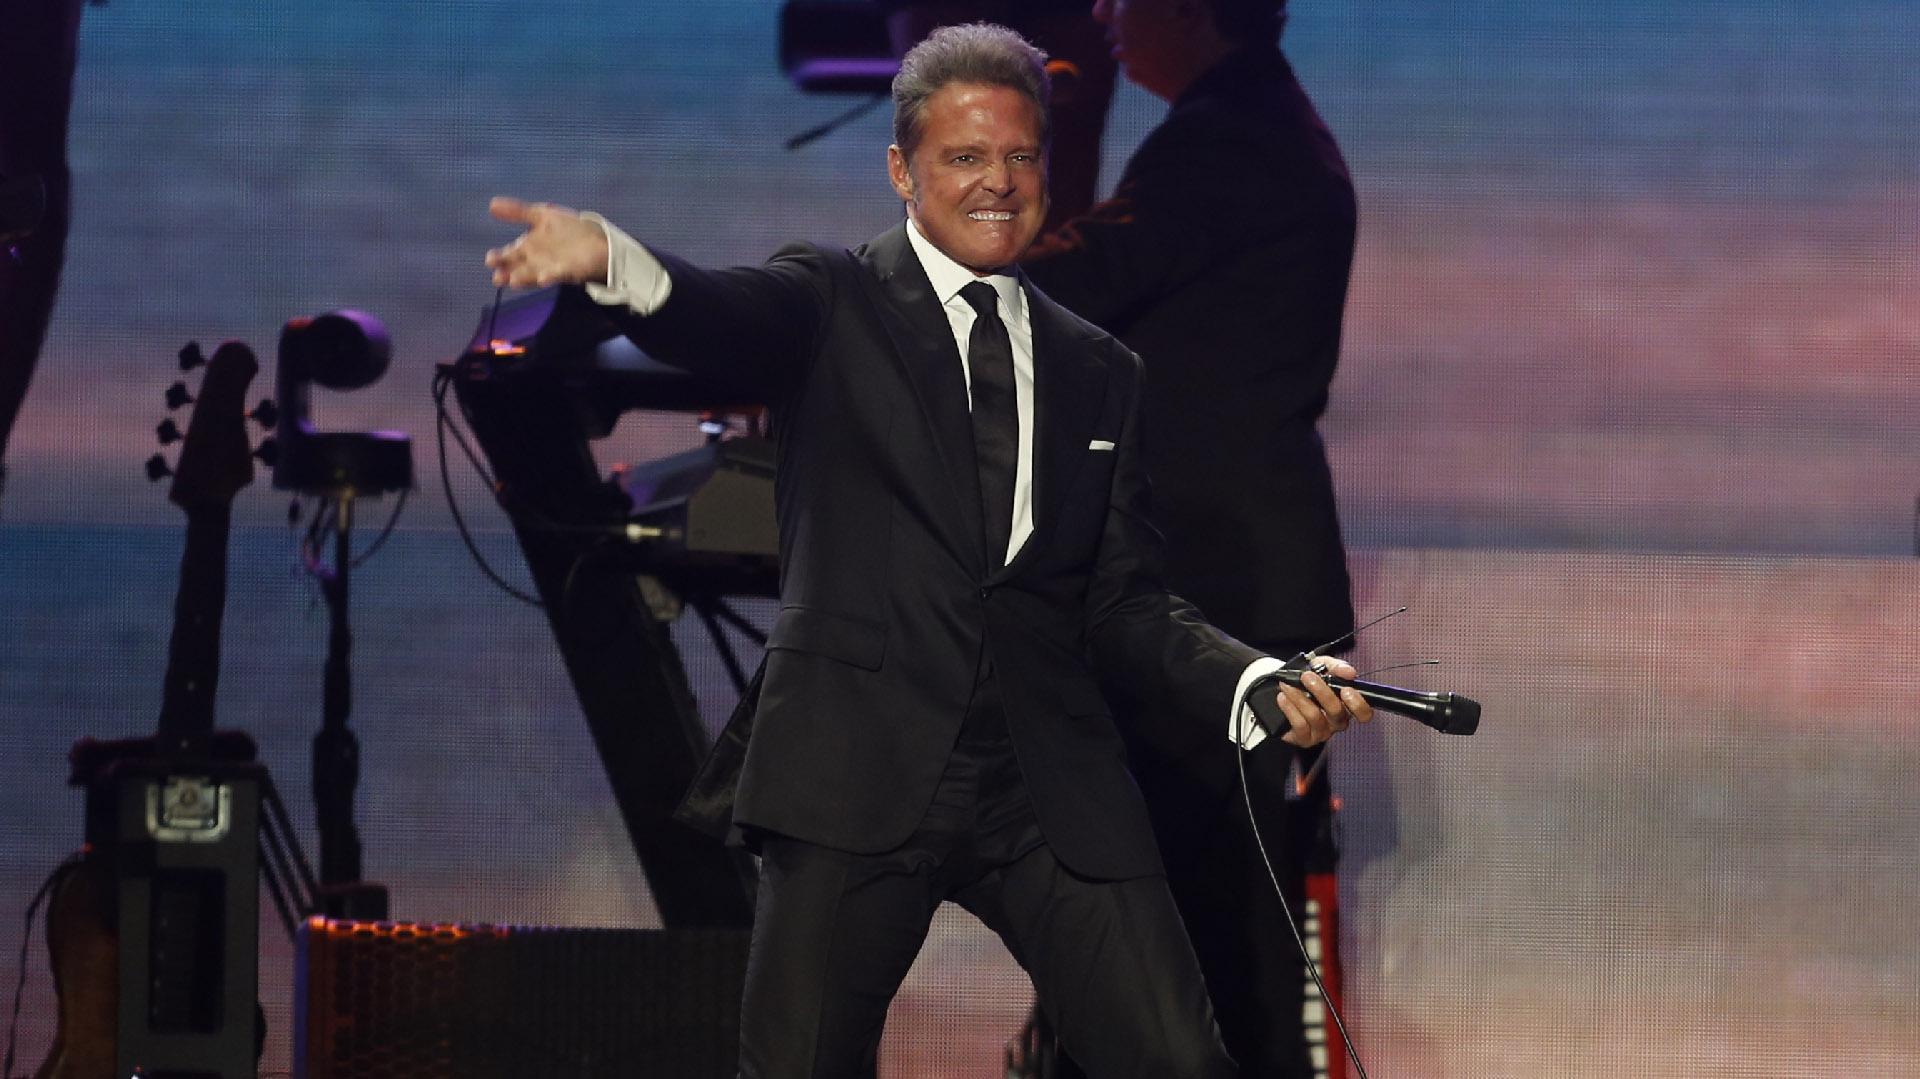 El cantante mexicano hizo su aparición sobre el escenario a las 21.45